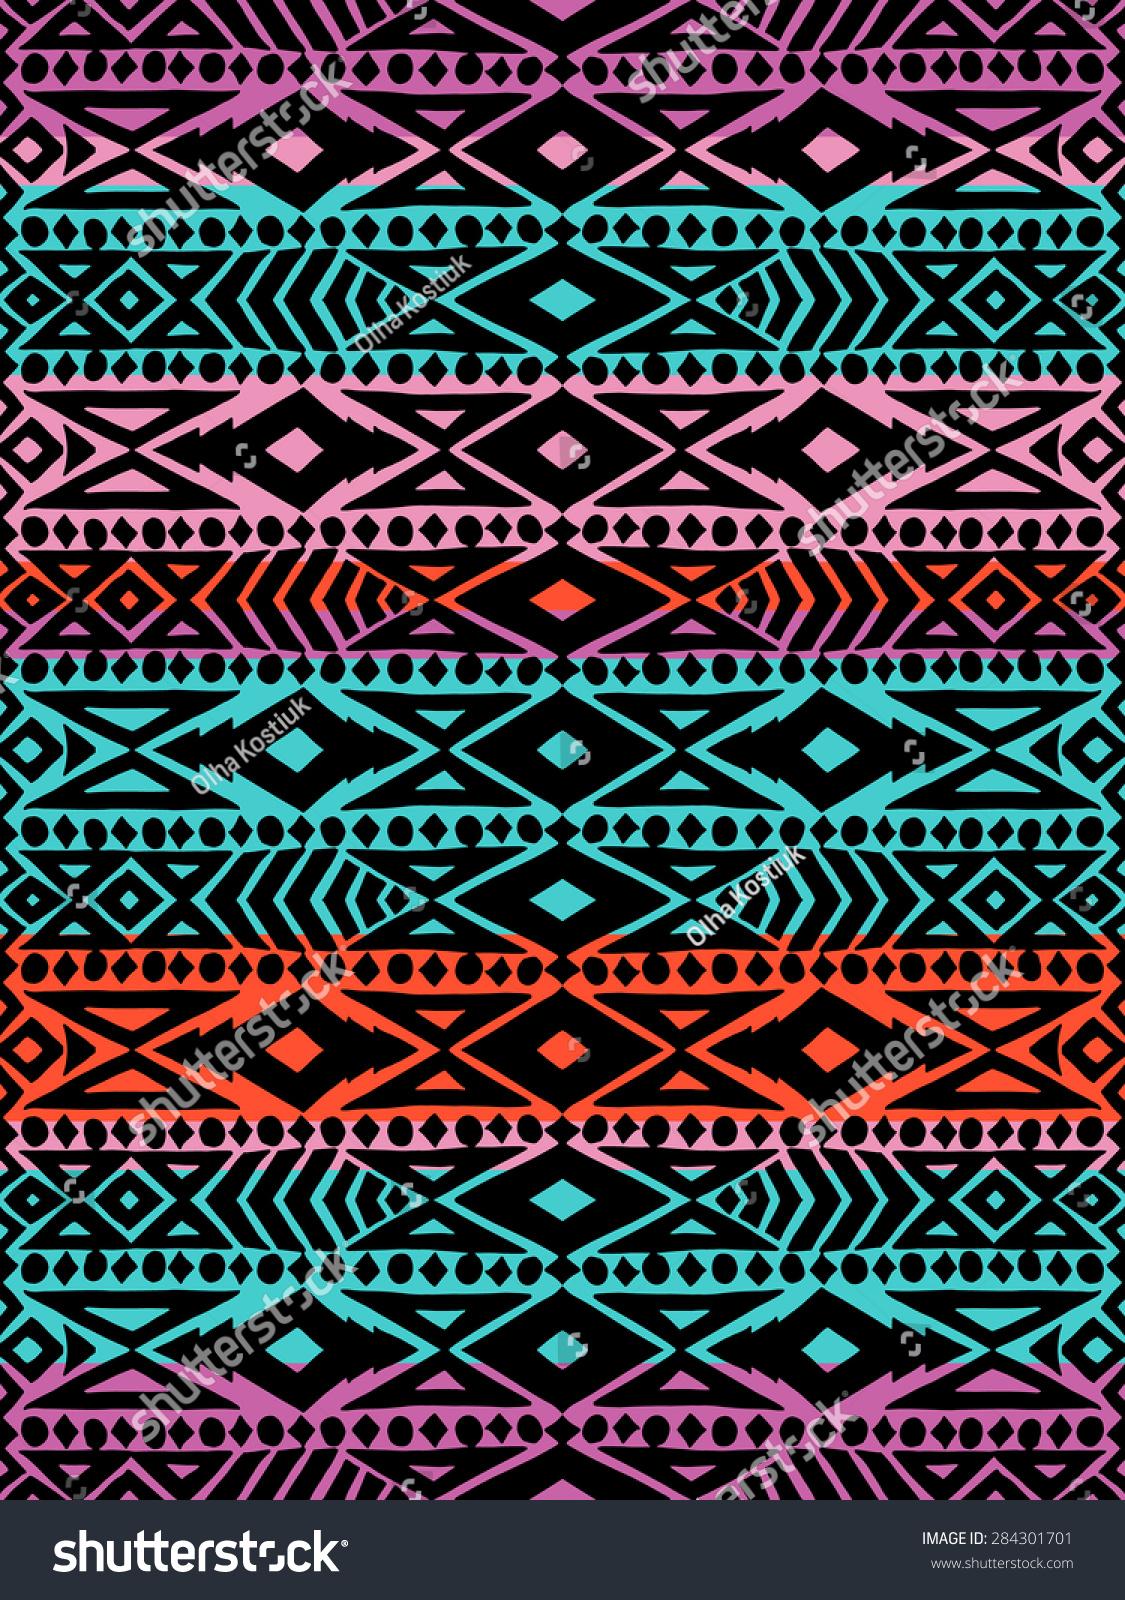 Galaxy tribal wallpaper tumblr